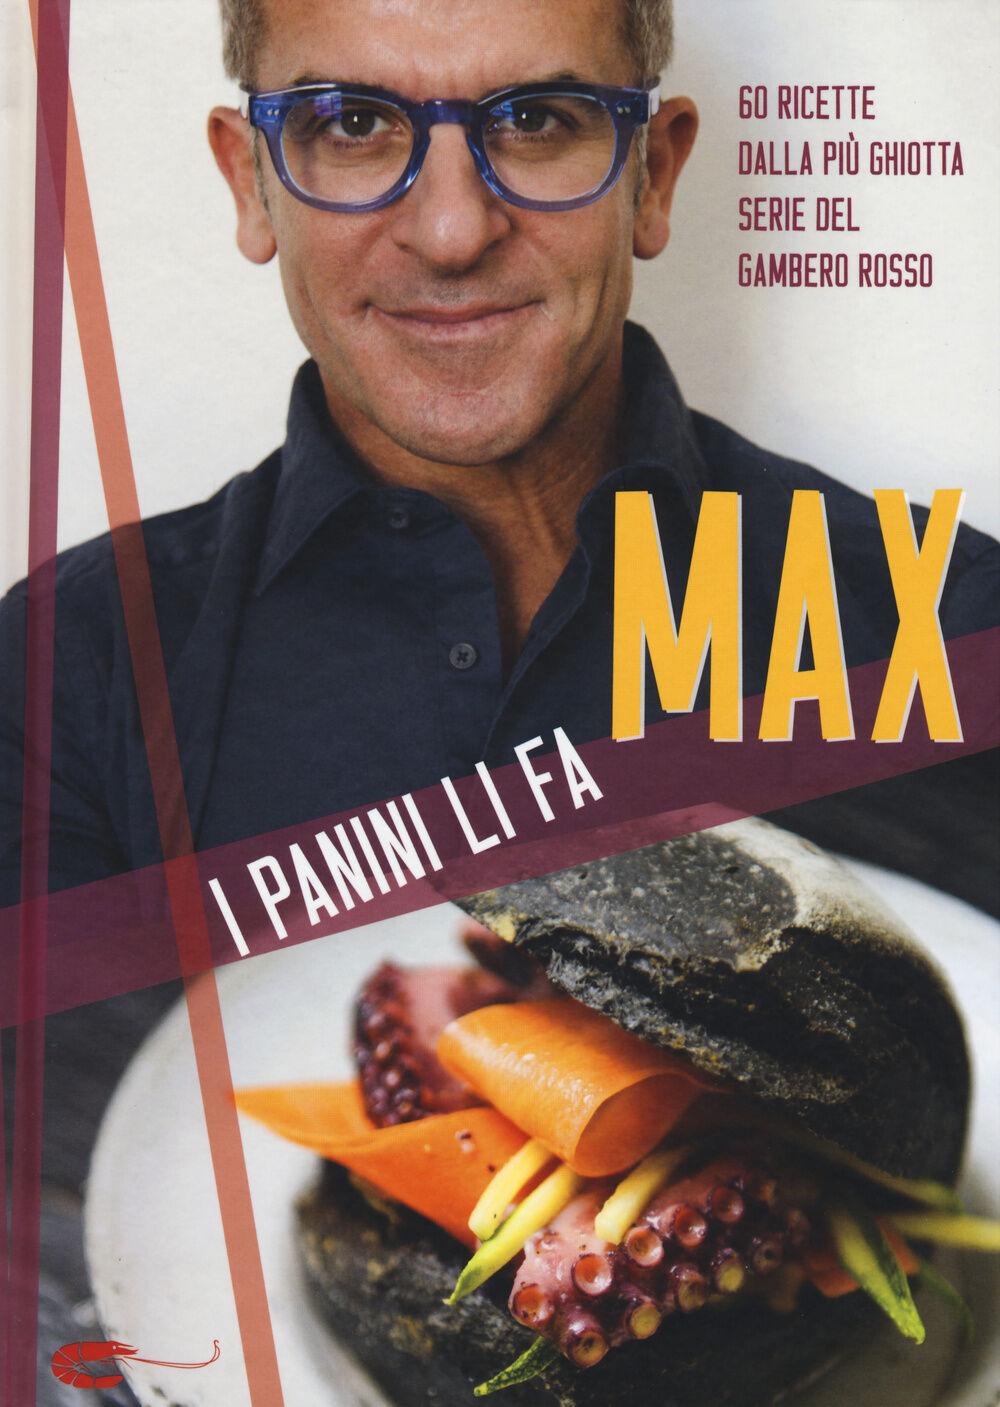 I panini li fa max max mariola libro gambero rosso for Ricette gambero rosso